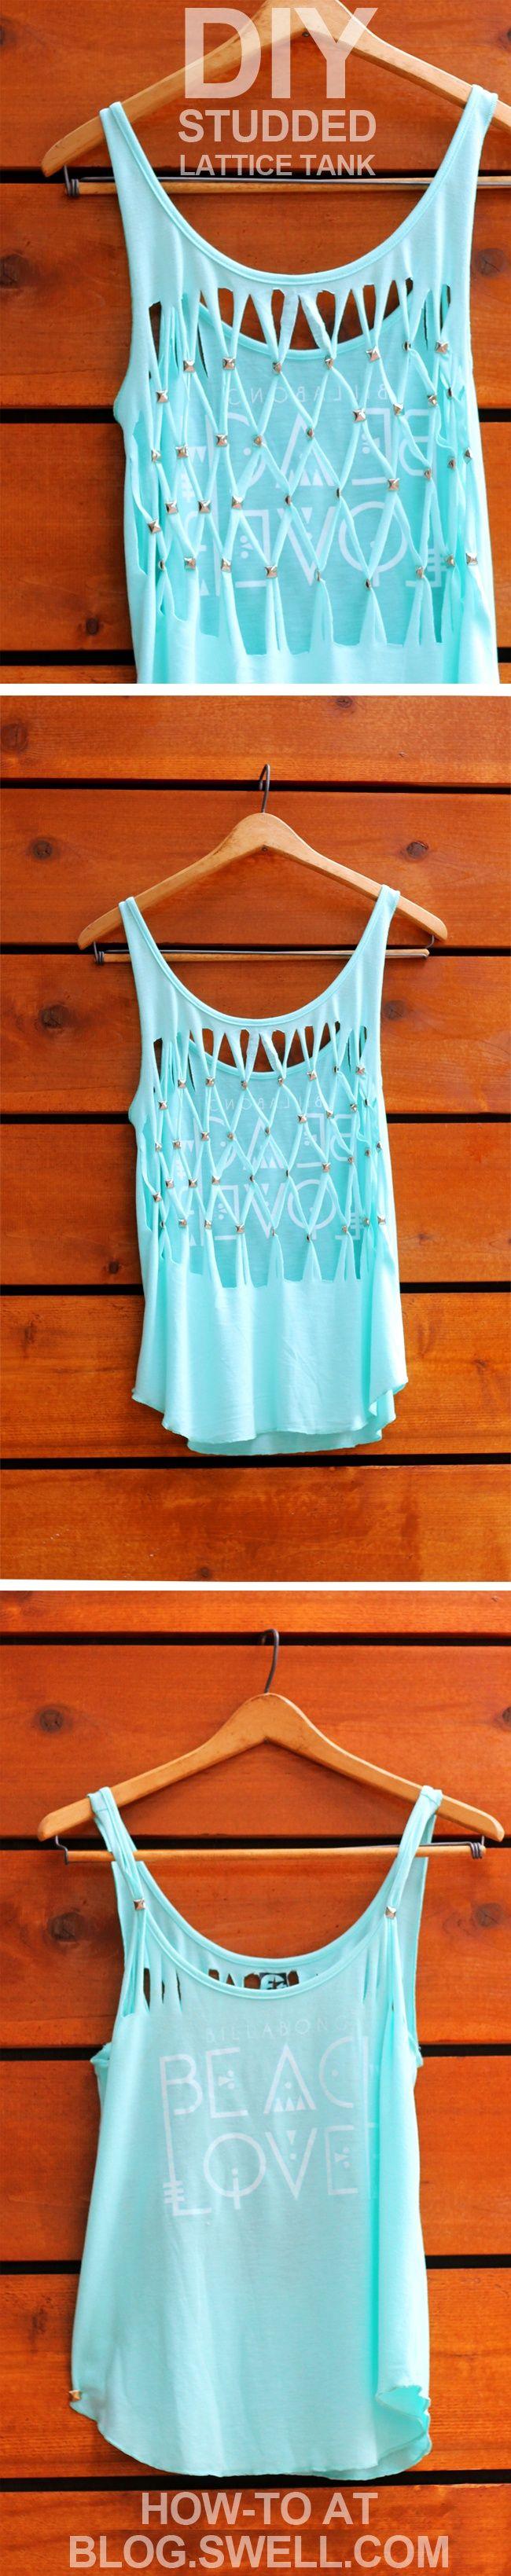 #DIY Lattice Studded #Shirt | fashion upcycle